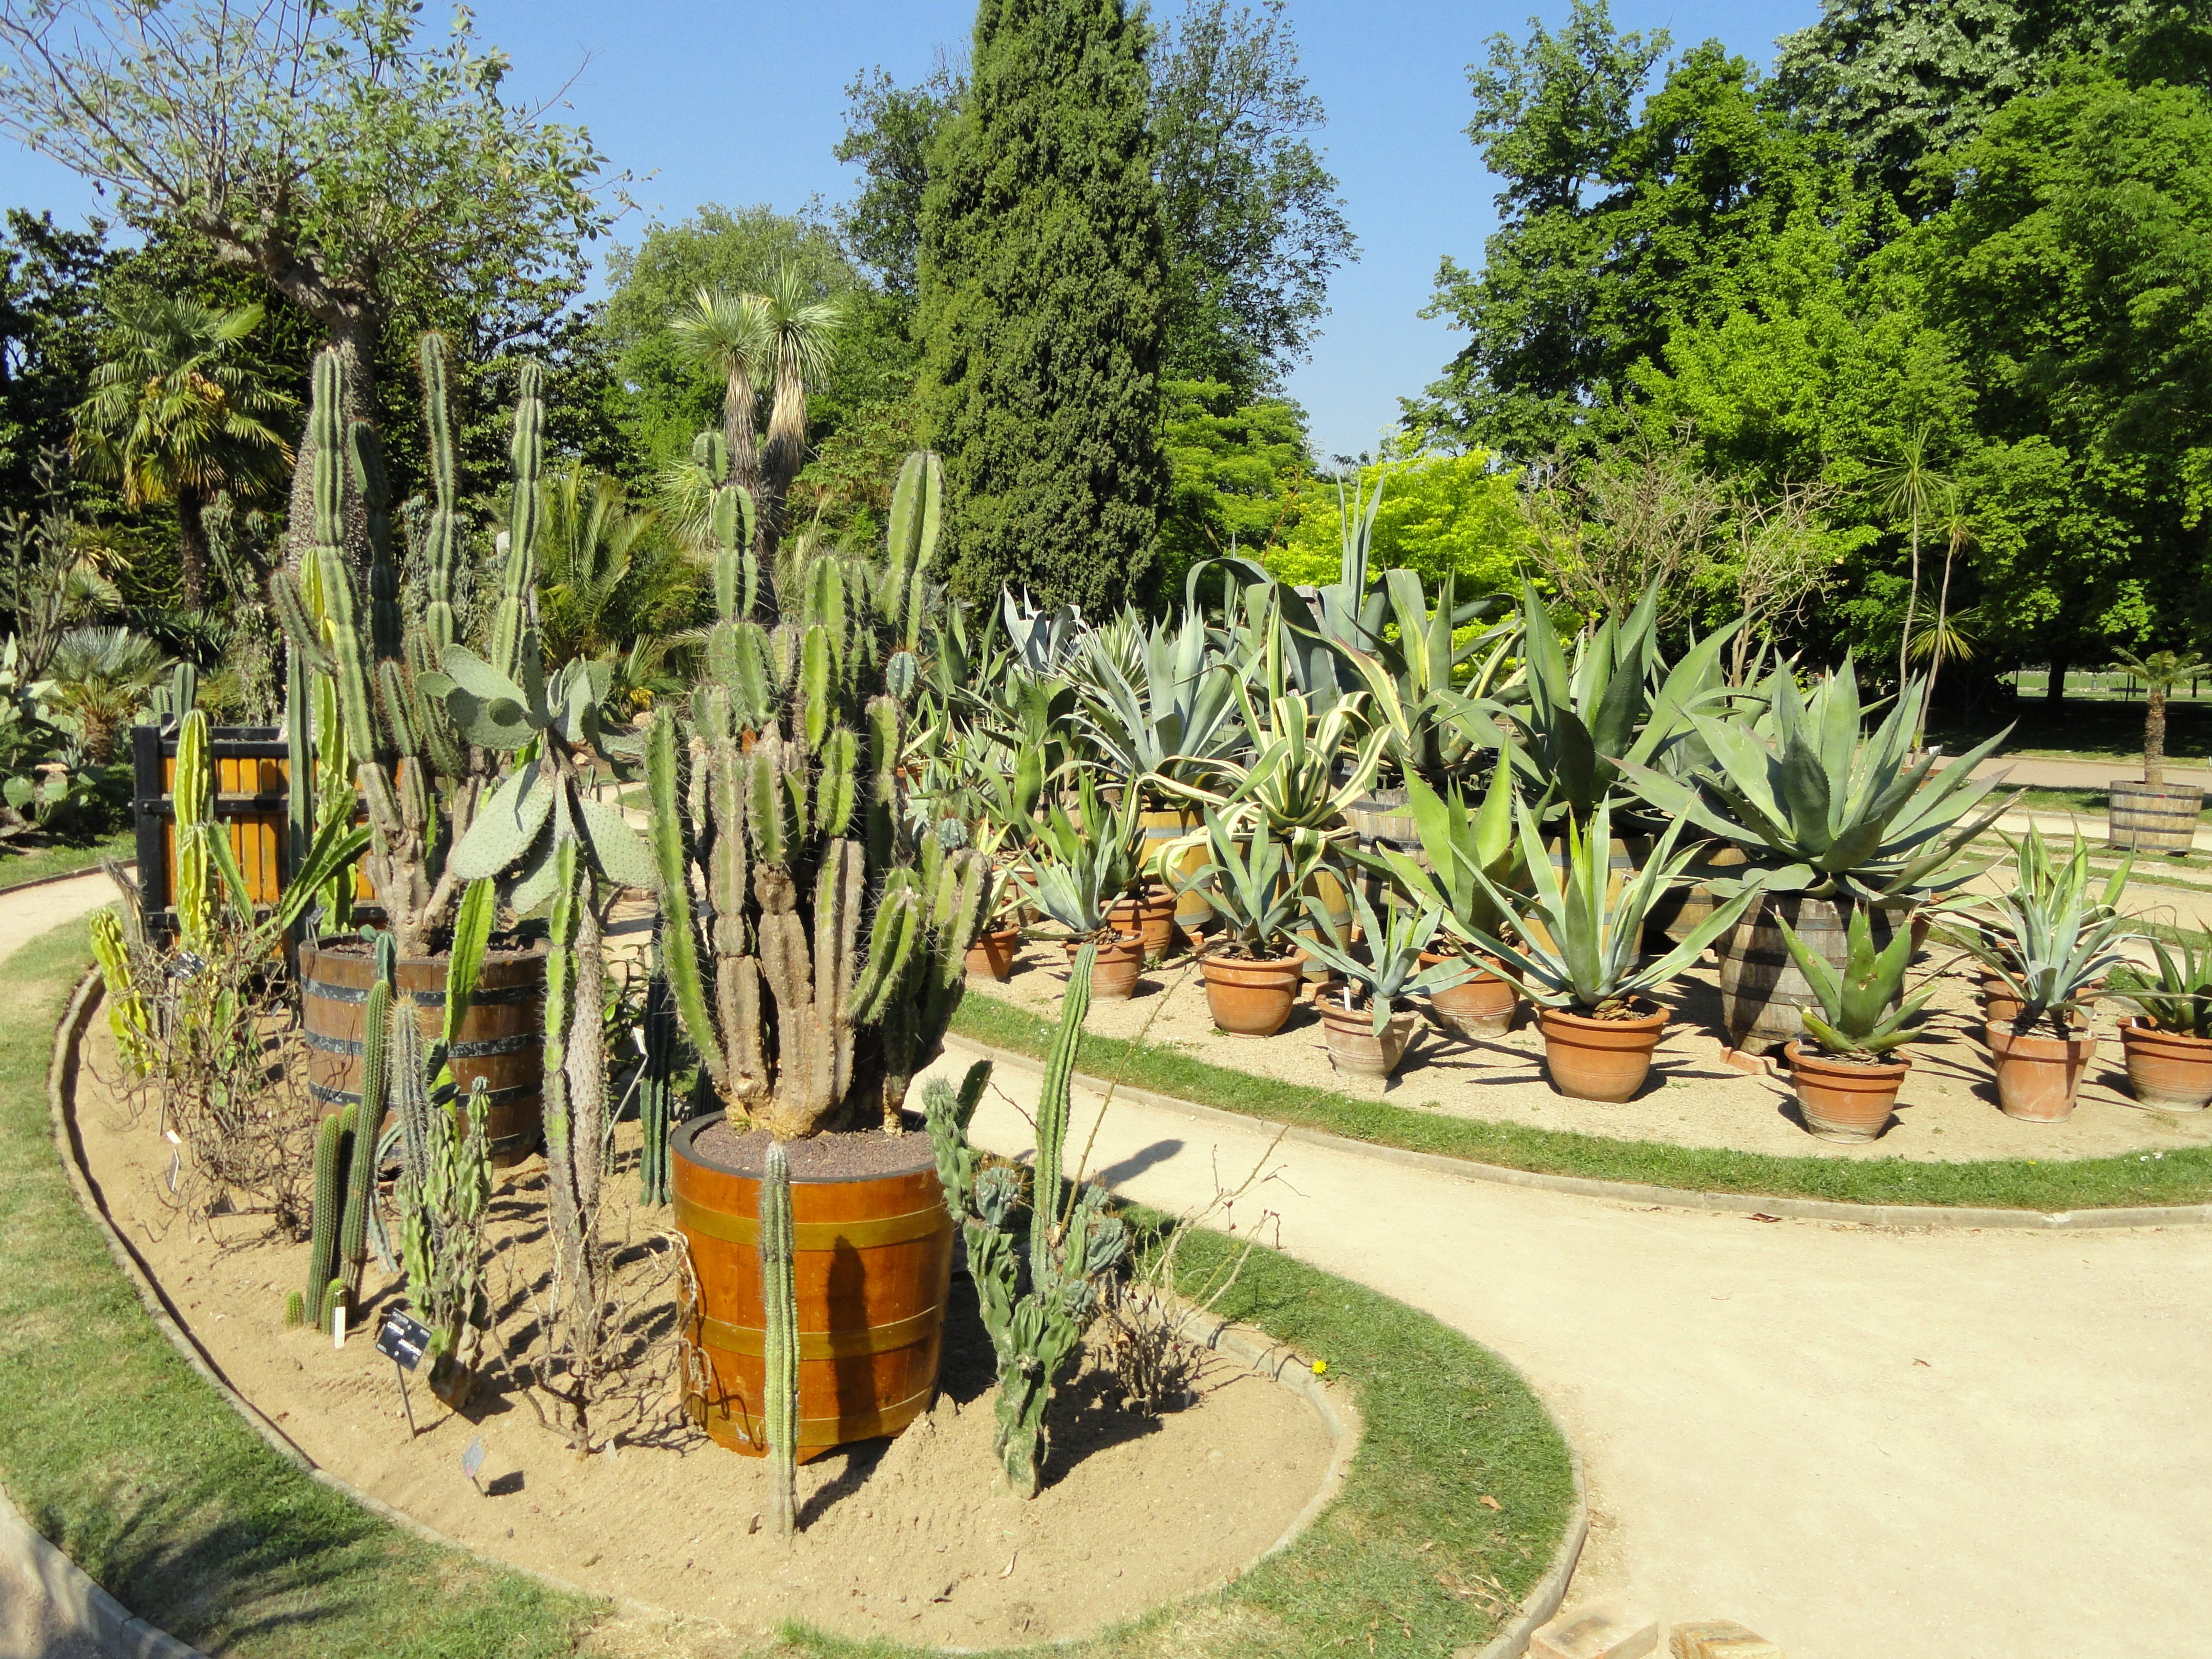 File cactus collection jardin botanique de lyon - Jardin botanique de lyon ...